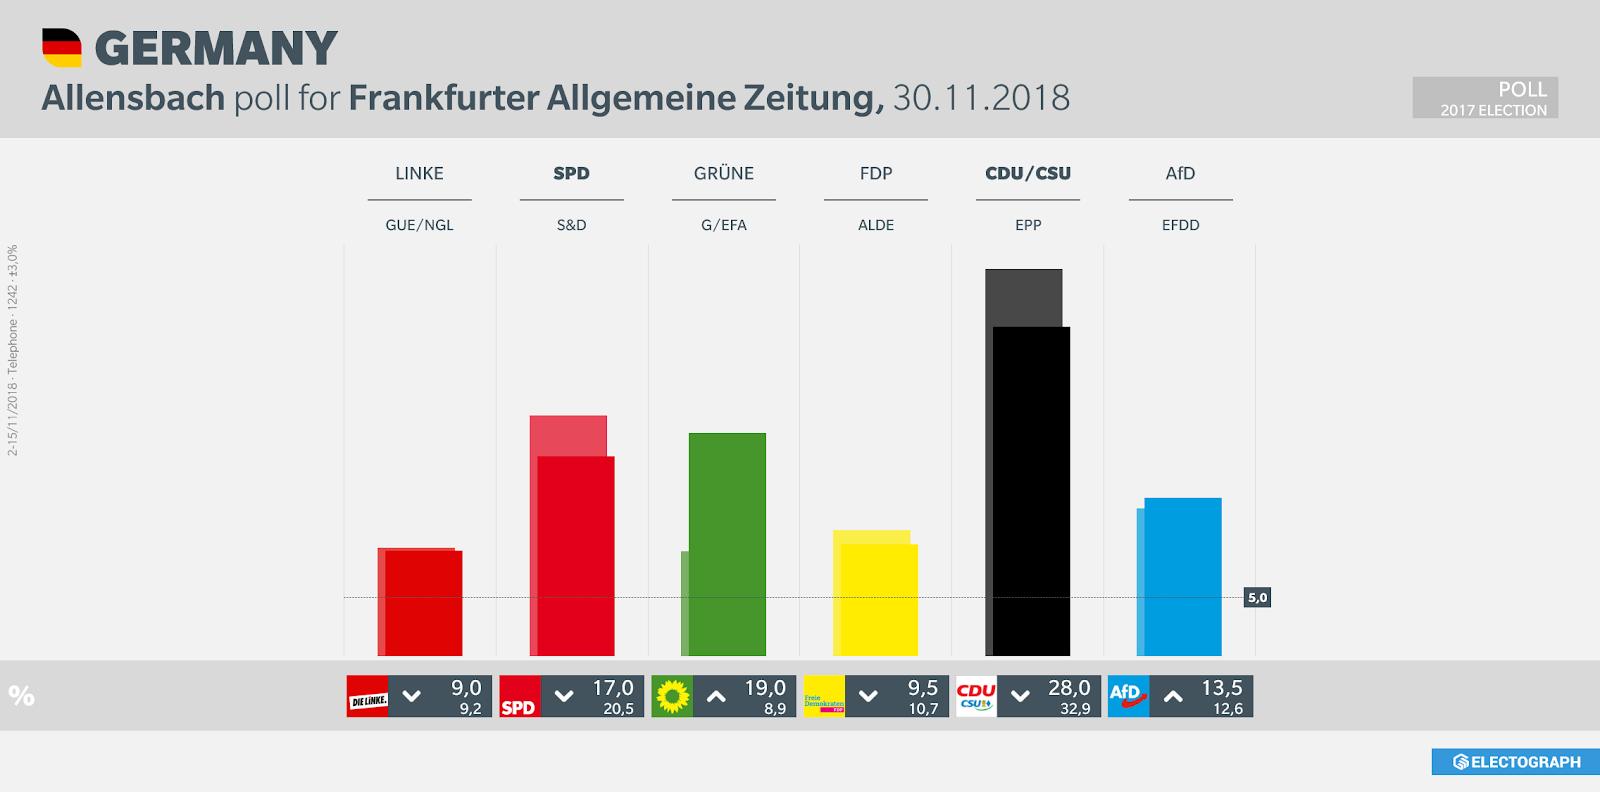 GERMANY: Allensbach poll chart for Frankfurter Allgemeine Zeitung, 30 November 2018